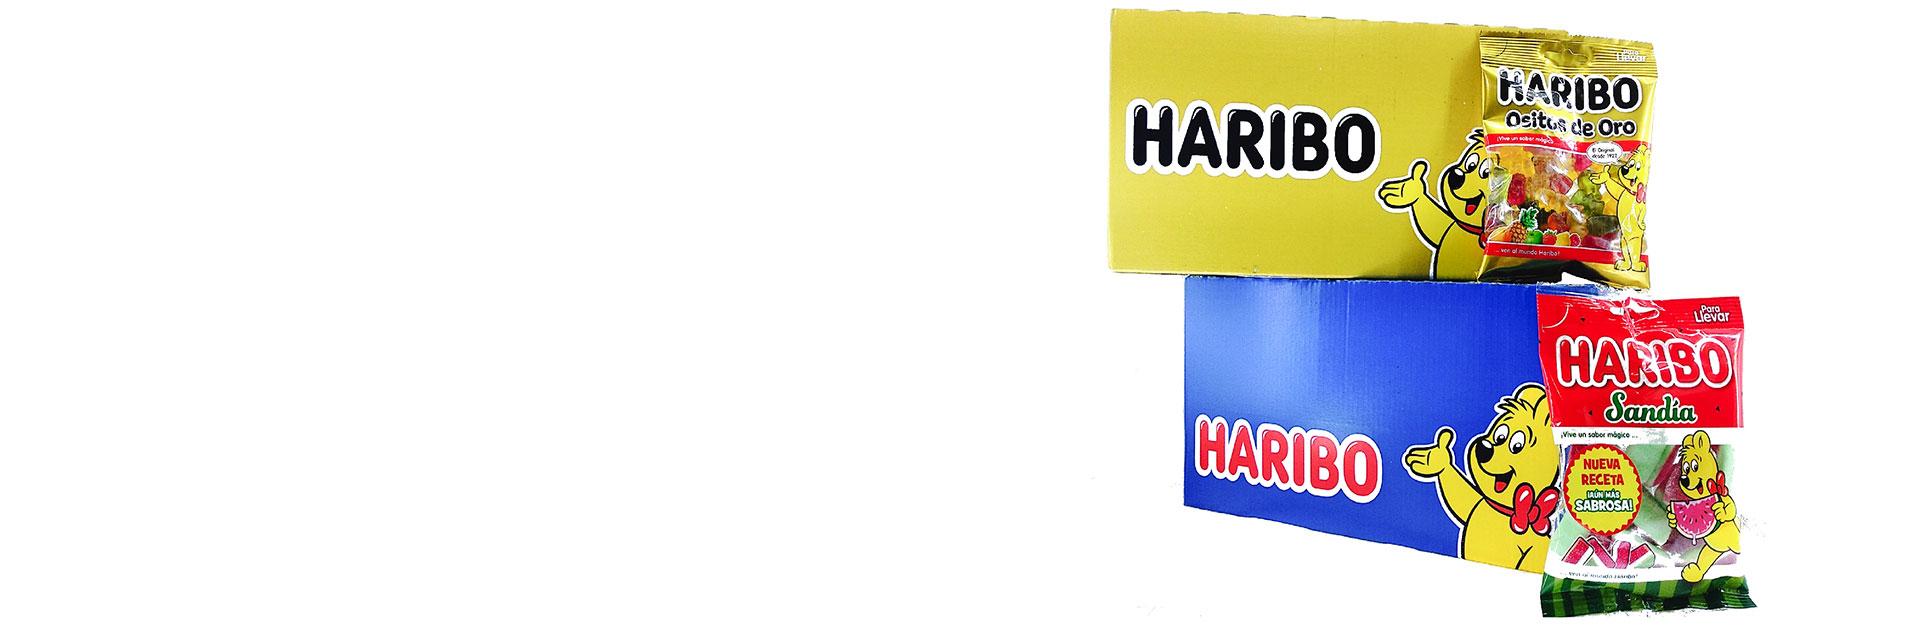 Oferta Haribo